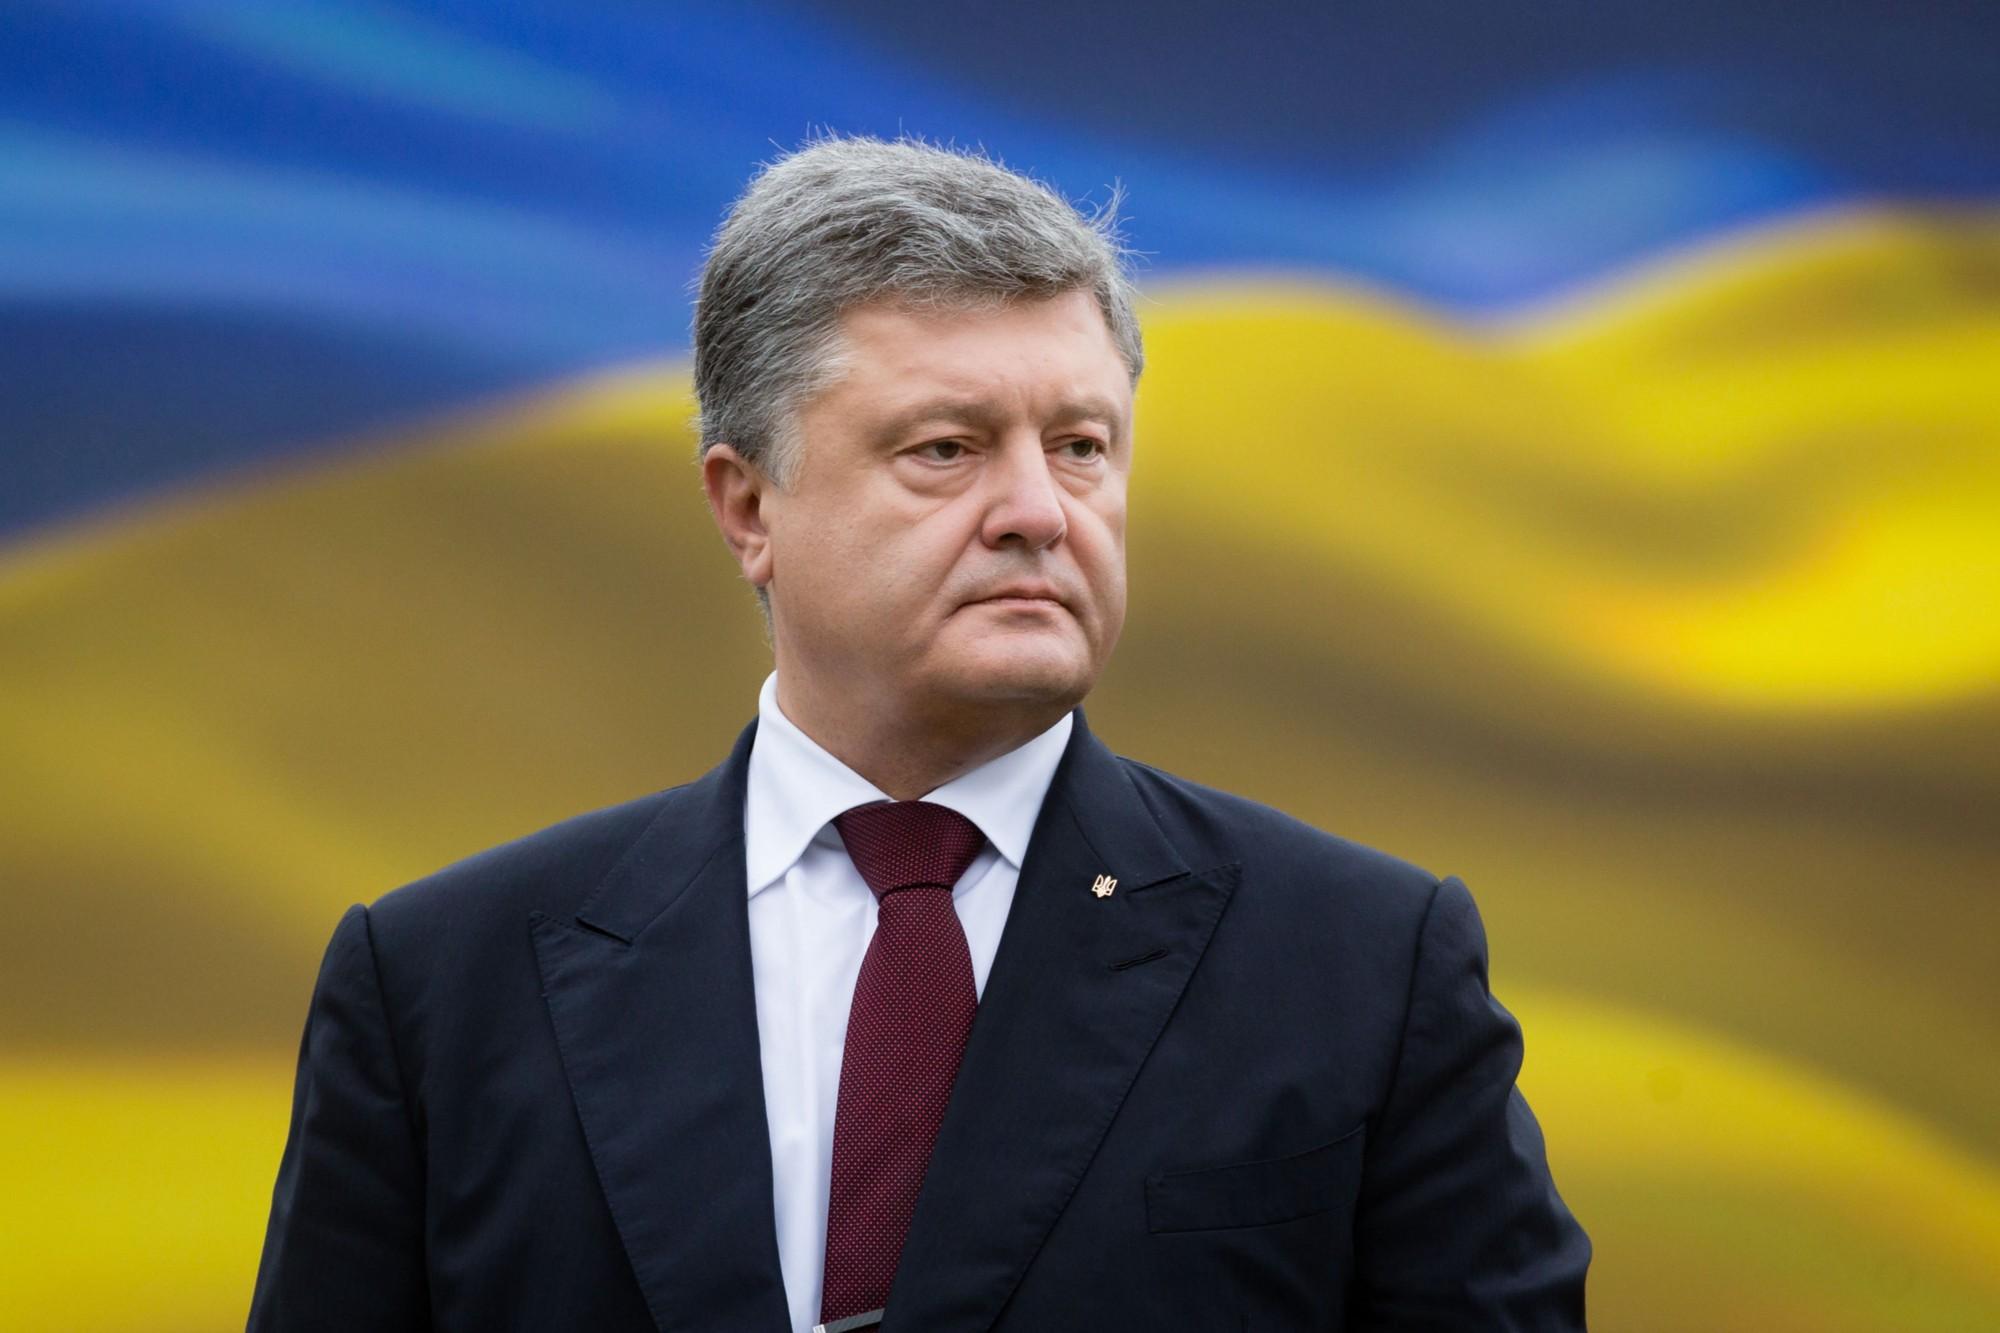 порошенко, выборы, донбасс, лнр, днр, донецк, луганск, видео, россия, террористы, война на донбассе